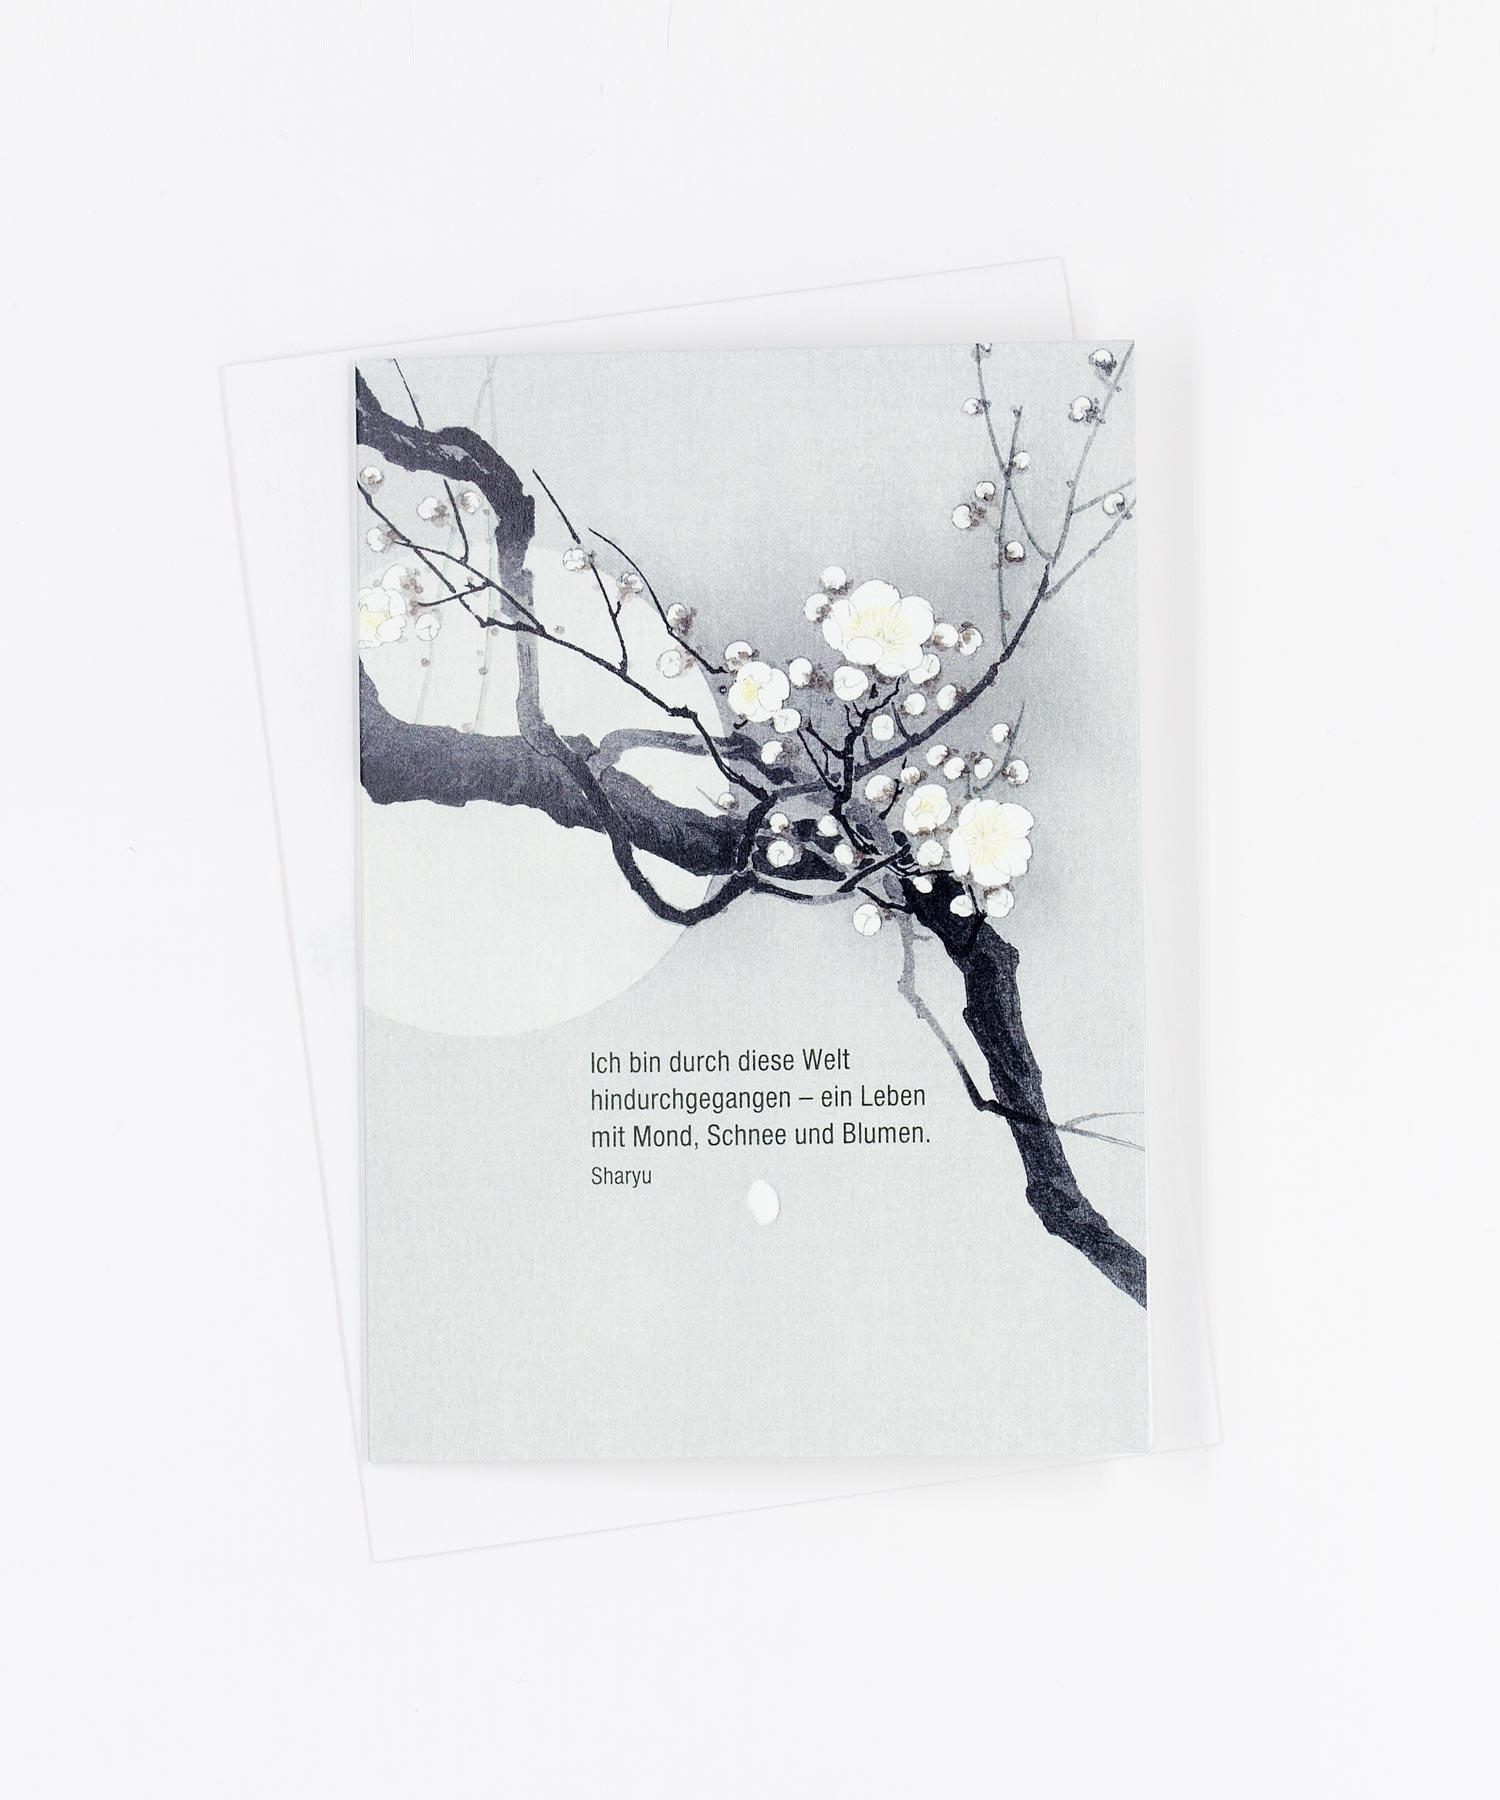 Kondolenzkarte Mond, Schnee und Blumen